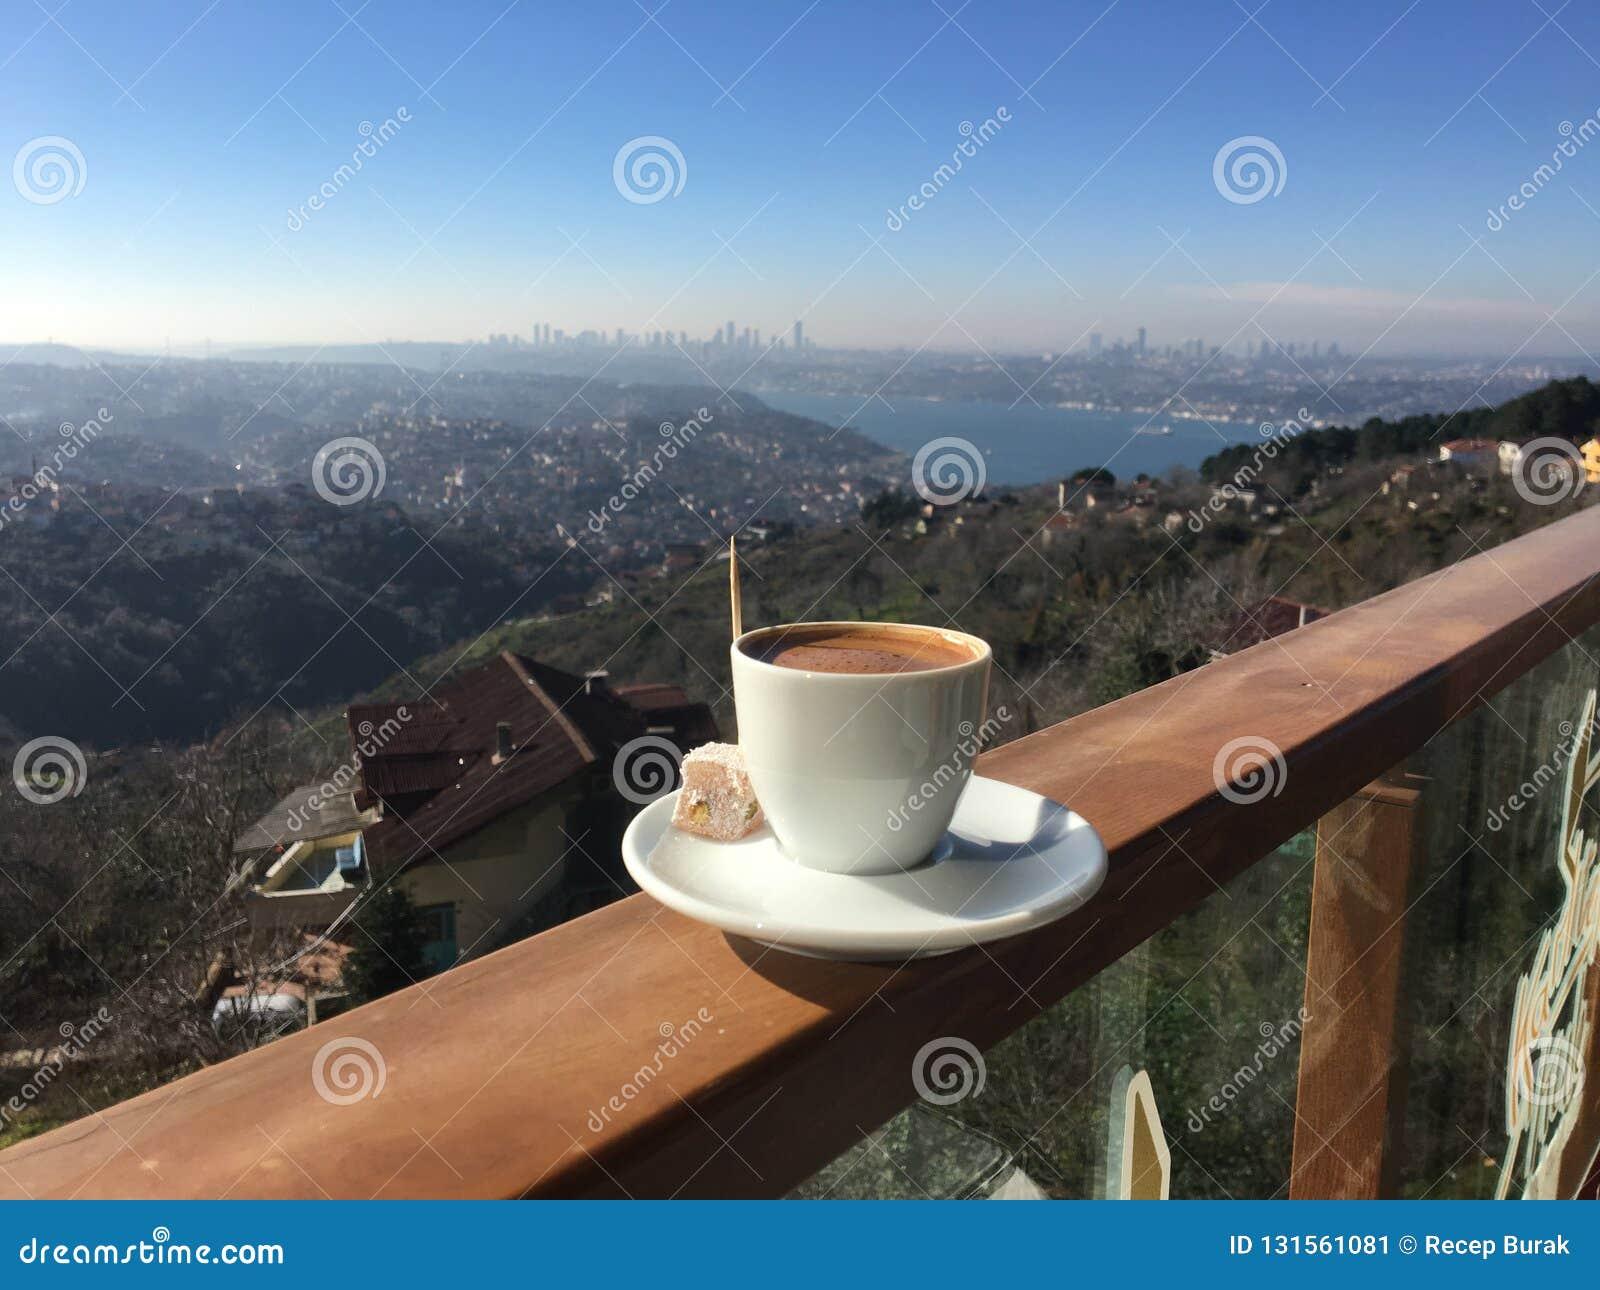 Türkischer Kaffee und Freude in Ä°stanbul